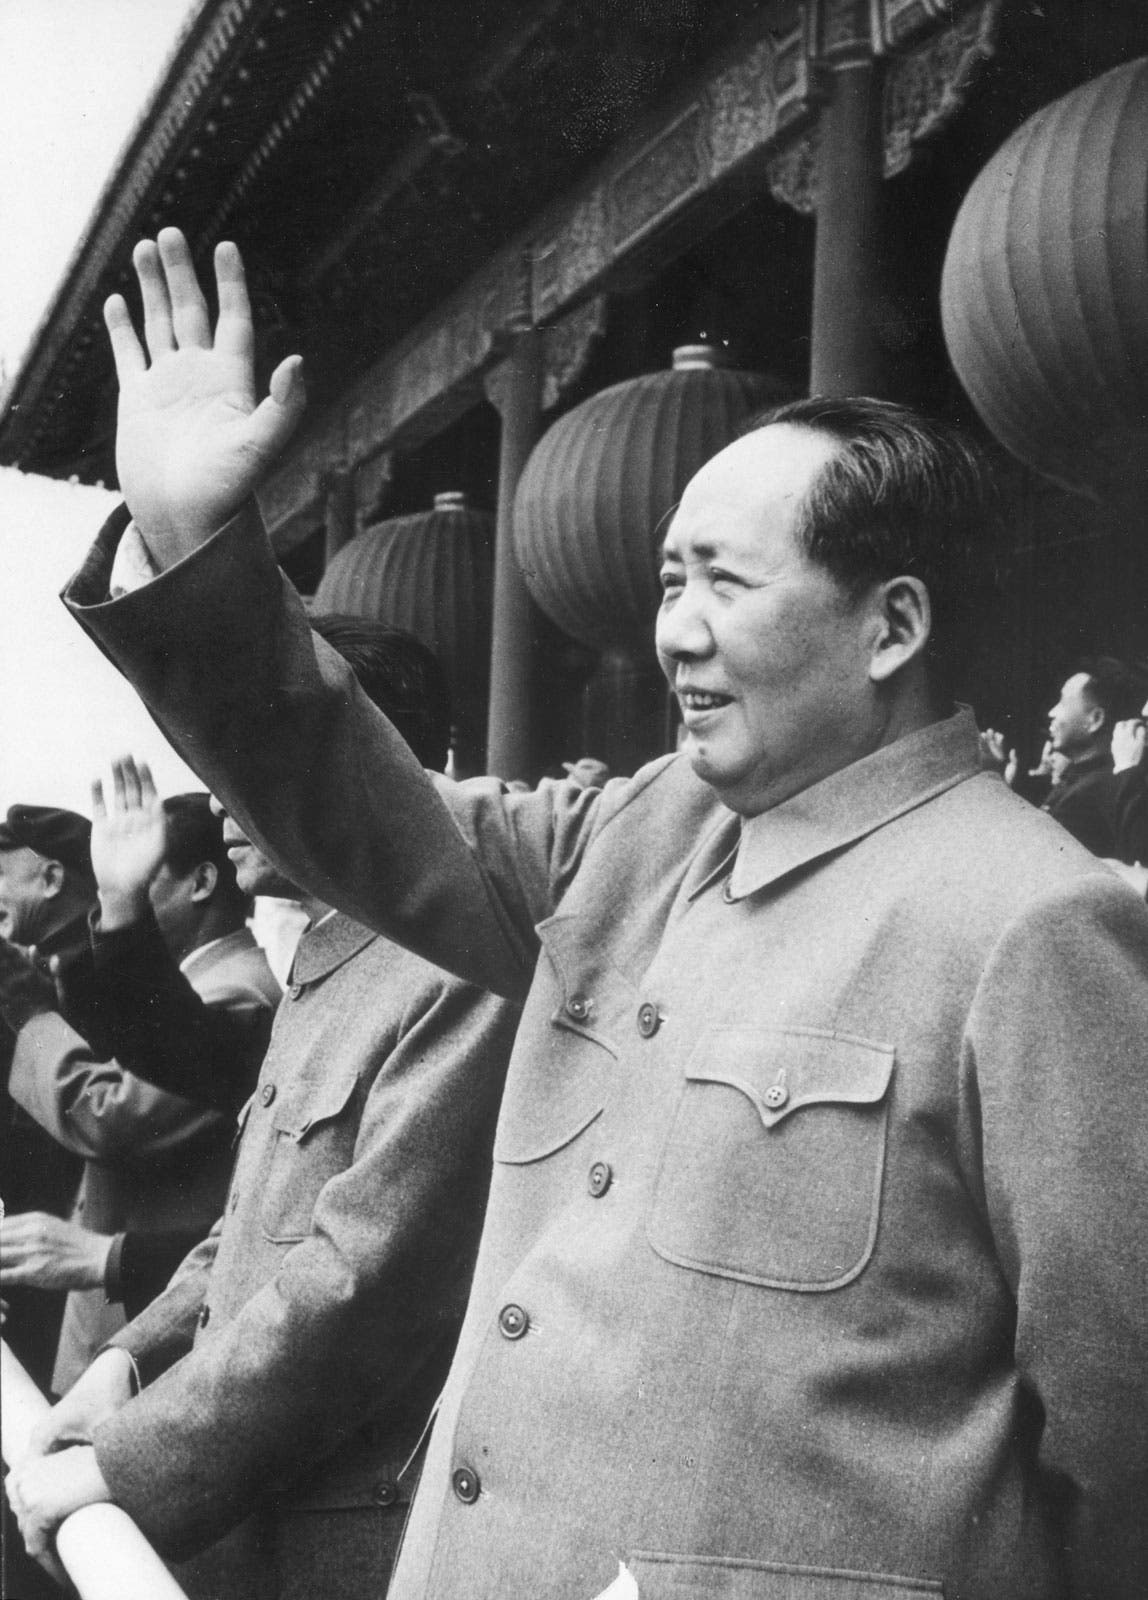 صورة للزعيم الصيني ماو تسي تونغ